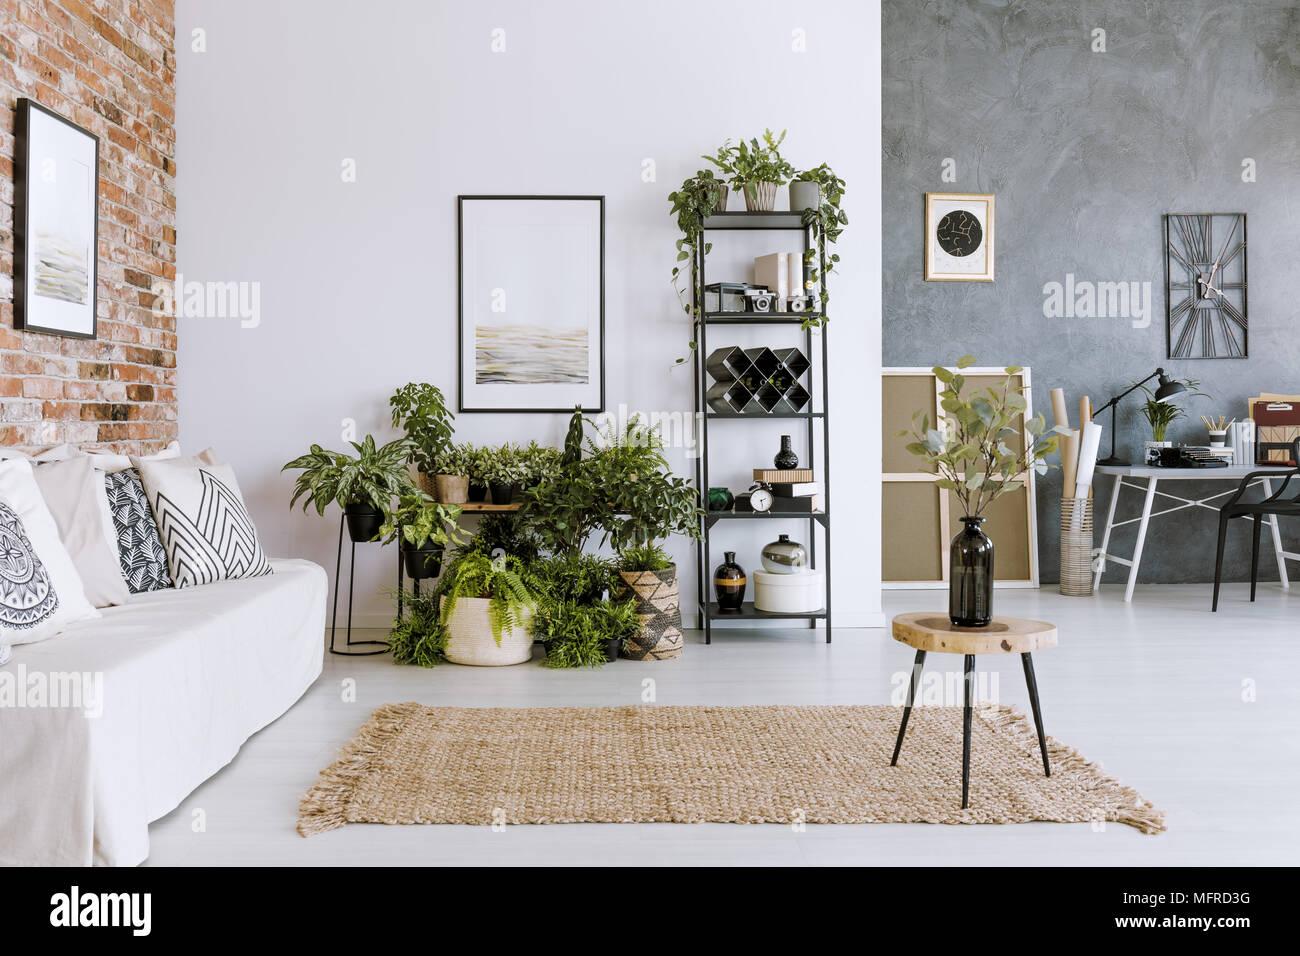 Plantas En El Salon Interior Con Alfombra Beige Blanco Sofa Y